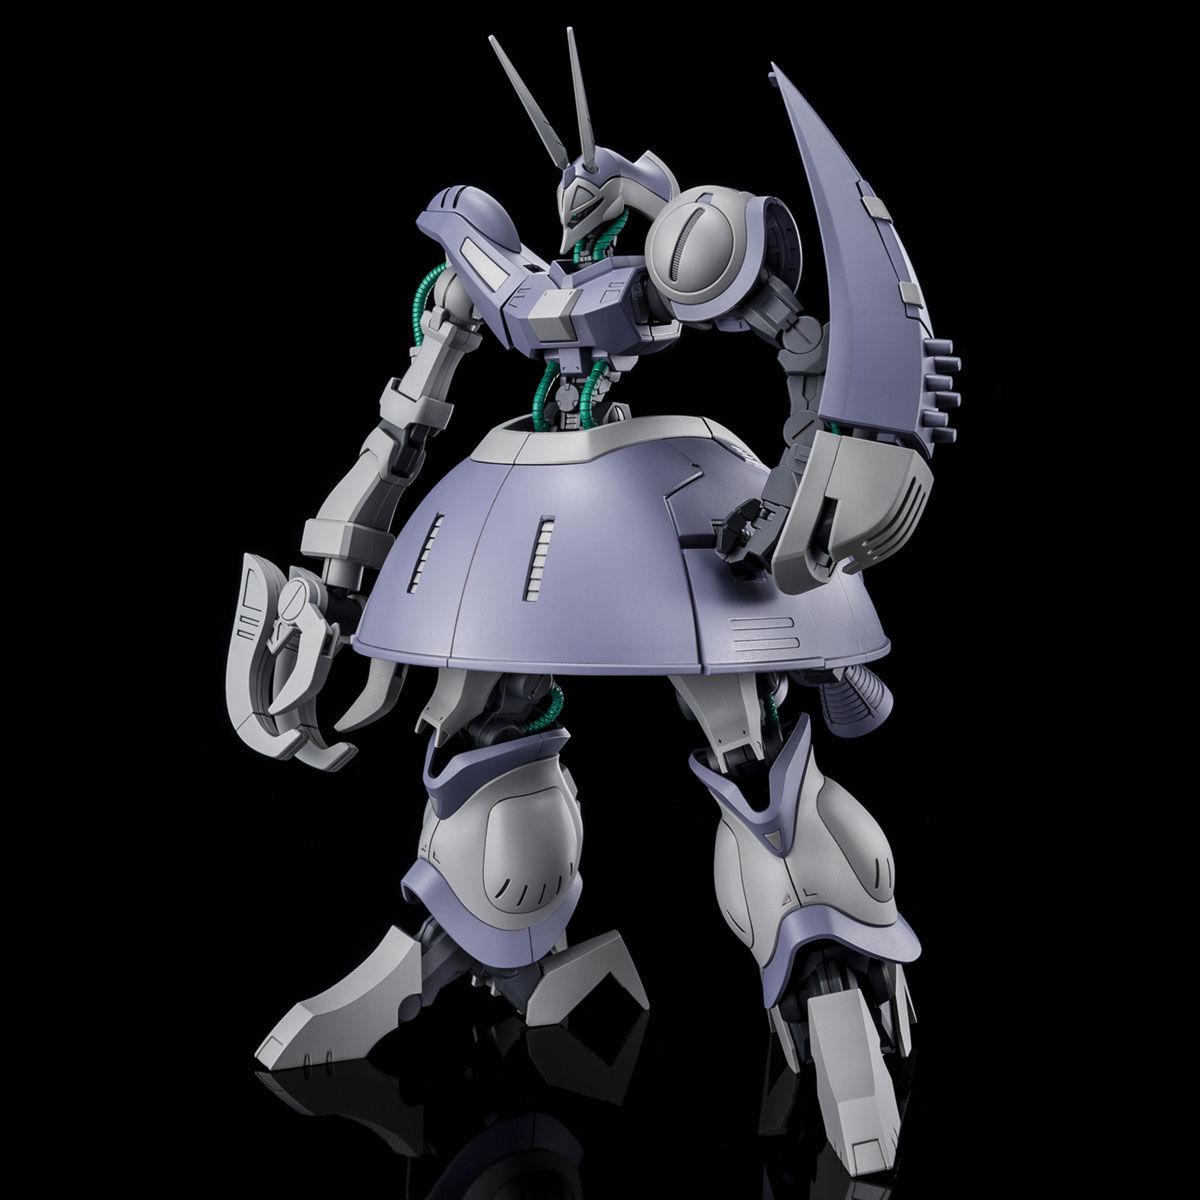 【限定販売】HG 1/144『バウンド・ドック(ゲーツ・キャパ専用機)』機動戦士Zガンダム プラモデル-002